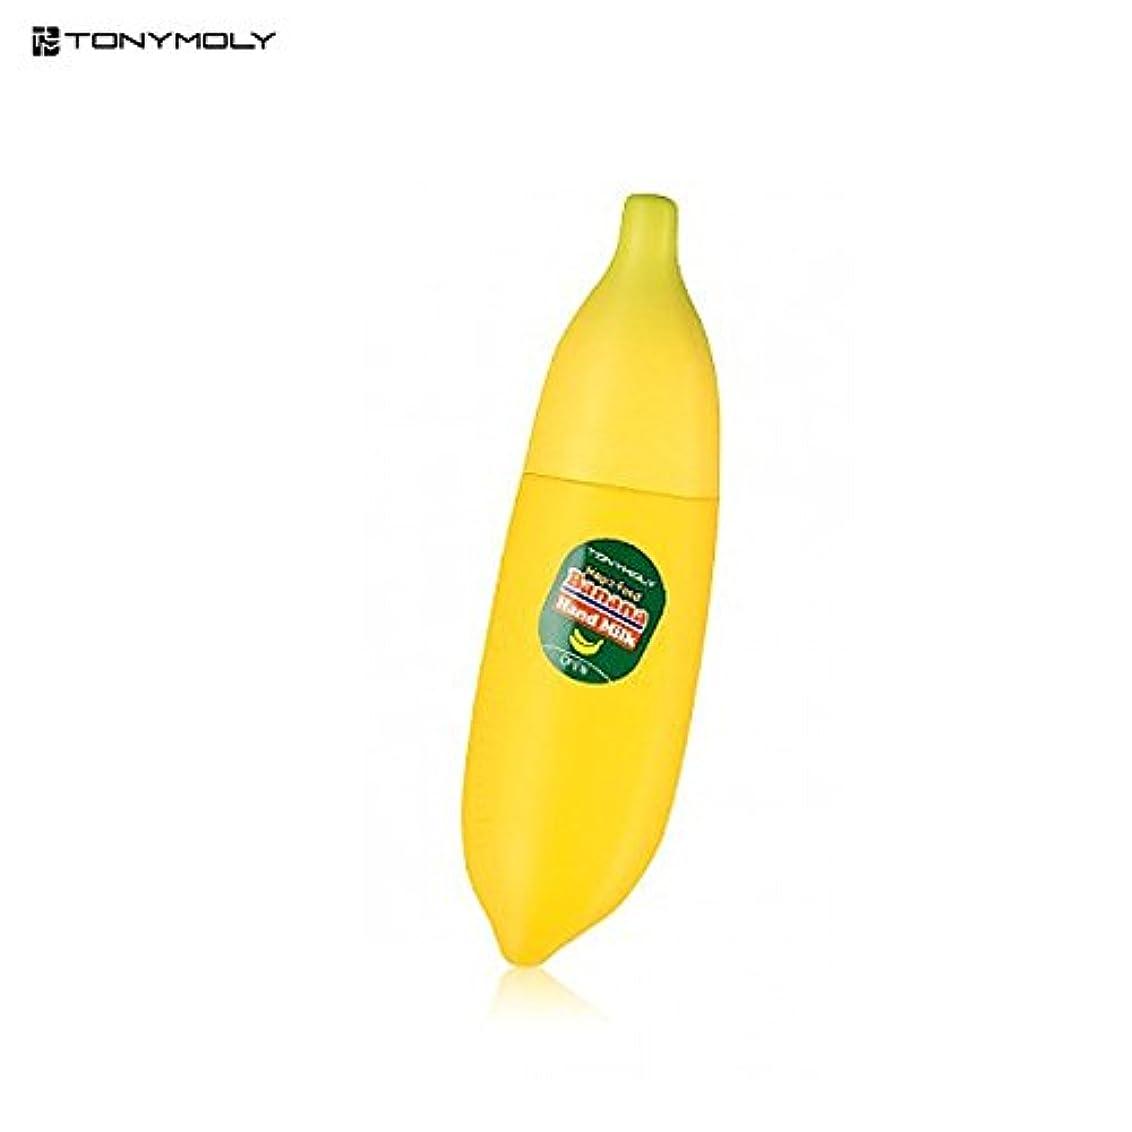 クラシックカーフ解任TONYMOLY (トニーモリー) マジックフードバナナハンドクリーム 45ml Magic Food Hand Milk, Hand Cream [並行輸入品]